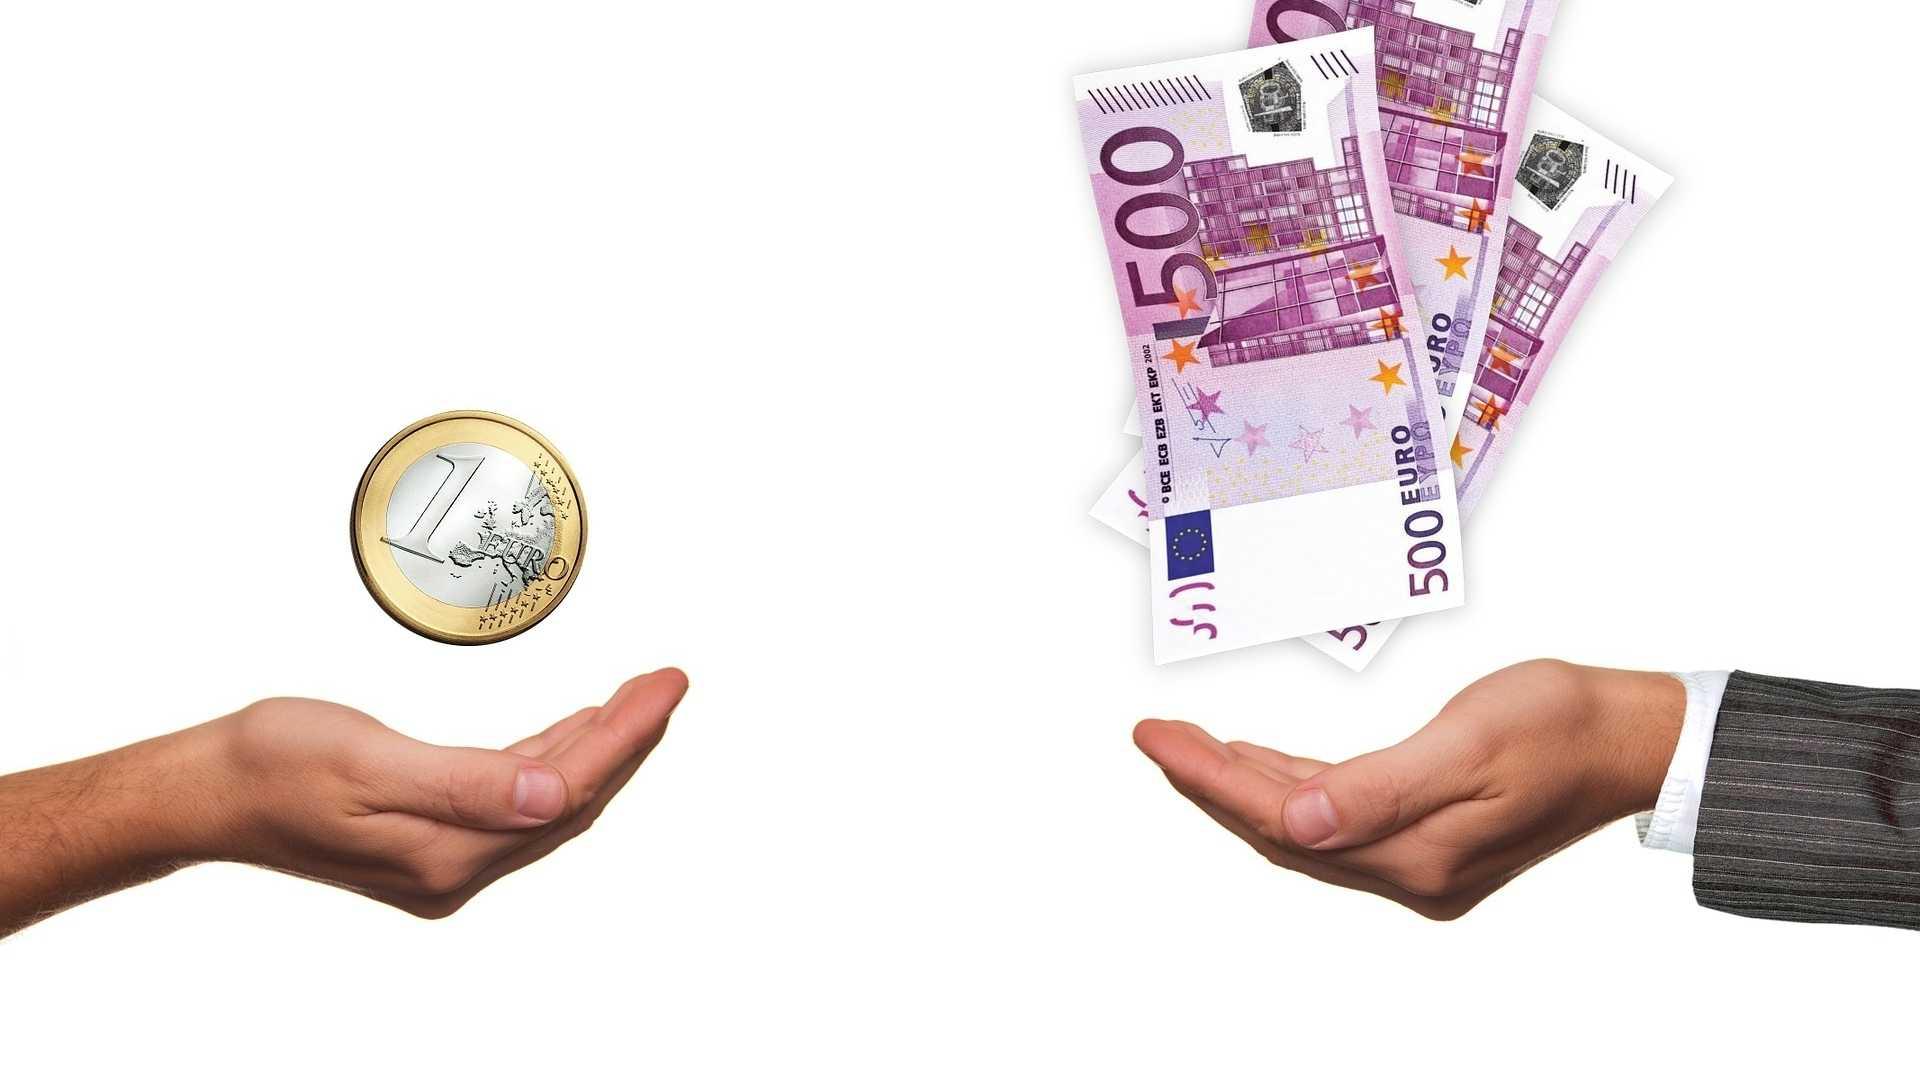 Branche, Beruf, Verantwortung, Firmengröße: Tipps für mehr Gehalt